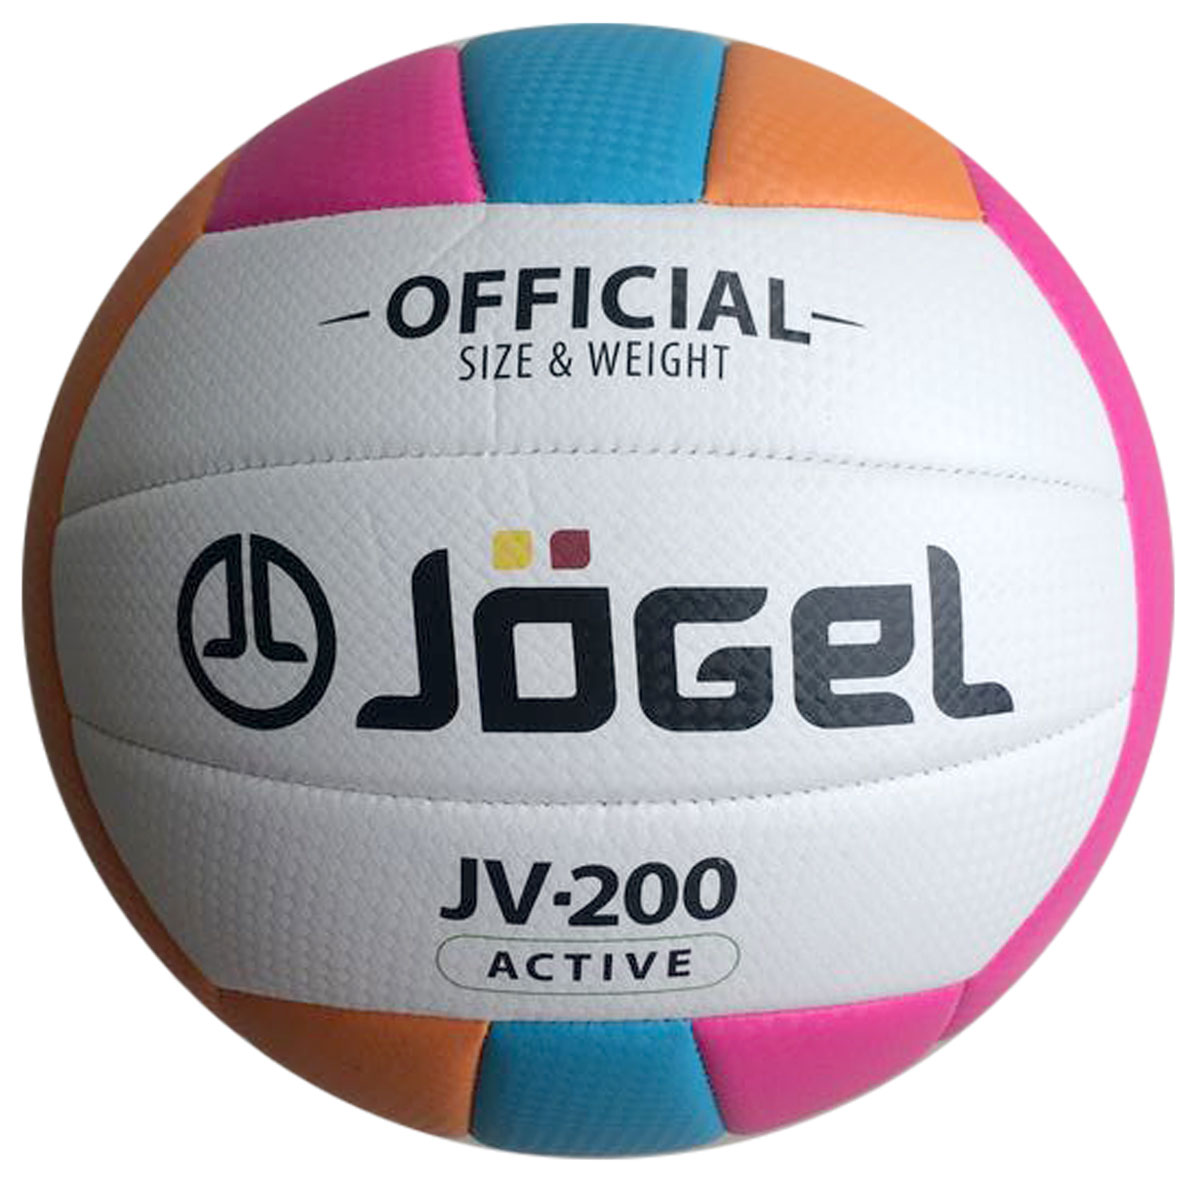 Мяч волейбольный Jogel, цвет: голубой, оранжевый, розовый. Размер 5. JV-200УТ-00009339Jogel JV-200 - яркий любительский мяч для классического волейбола и активного отдыха. Благодаря своей молодежной расцветке и еще более мягкой поверхности, чем у модели JV-100, данная модель пользуется популярностью в качестве мяча для пляжного волейбола. Поверхность мяча выполнена из текстурной мягкой синтетической кожи (поливинилхлорид) с увеличенной толщиной, что позволяет избежать синяков и ушибов на руках, даже при сильных ударах. Мяч состоит из 18-ти панелей и оснащен бутиловой камерой. Данный мяч подходит для поставок на гос. тендеры, образовательные учреждения и спортивные секции. Официальный размер и вес FIBV.Рекомендованные покрытия: Паркет, песок, резина, гаревые поля, бетонМатериал покрышки:Синтетическая кожа (поливинилхлорид)Материал камеры:БутилТип соединения панелей:Машинная сшивкаКоличество панелей:18Размер:5Вес:260-280 гр.Длина окружности: 65-67 смРекомендованное давление: 0.29-0.32 барКоличество в коробке: 50 шт.УВАЖАЕМЫЕ КЛИЕНТЫ!Обращаем ваше внимание на тот факт, что мяч поставляется в сдутом виде. Насос в комплект не входит.